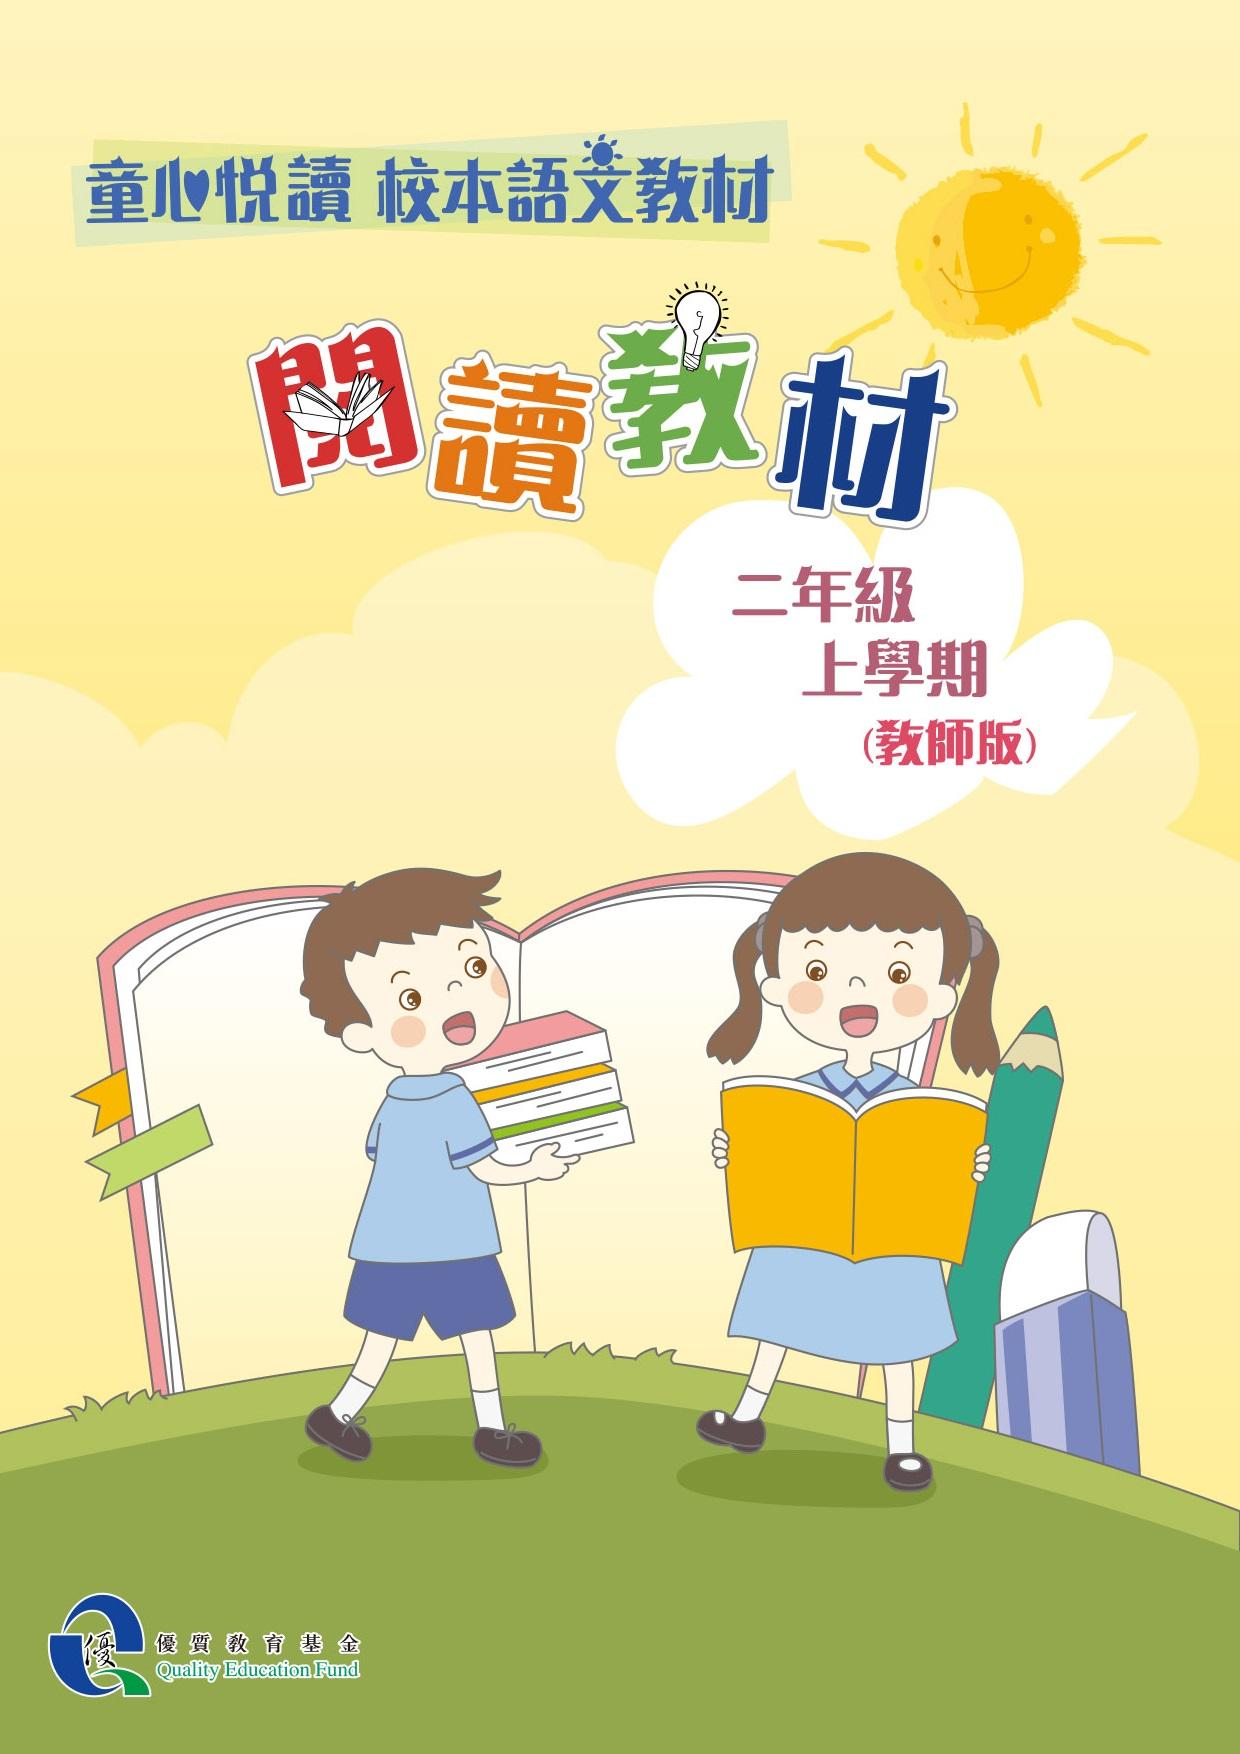 童心悅讀校本語文教材 二年級上學期閱讀教材 - 教師版